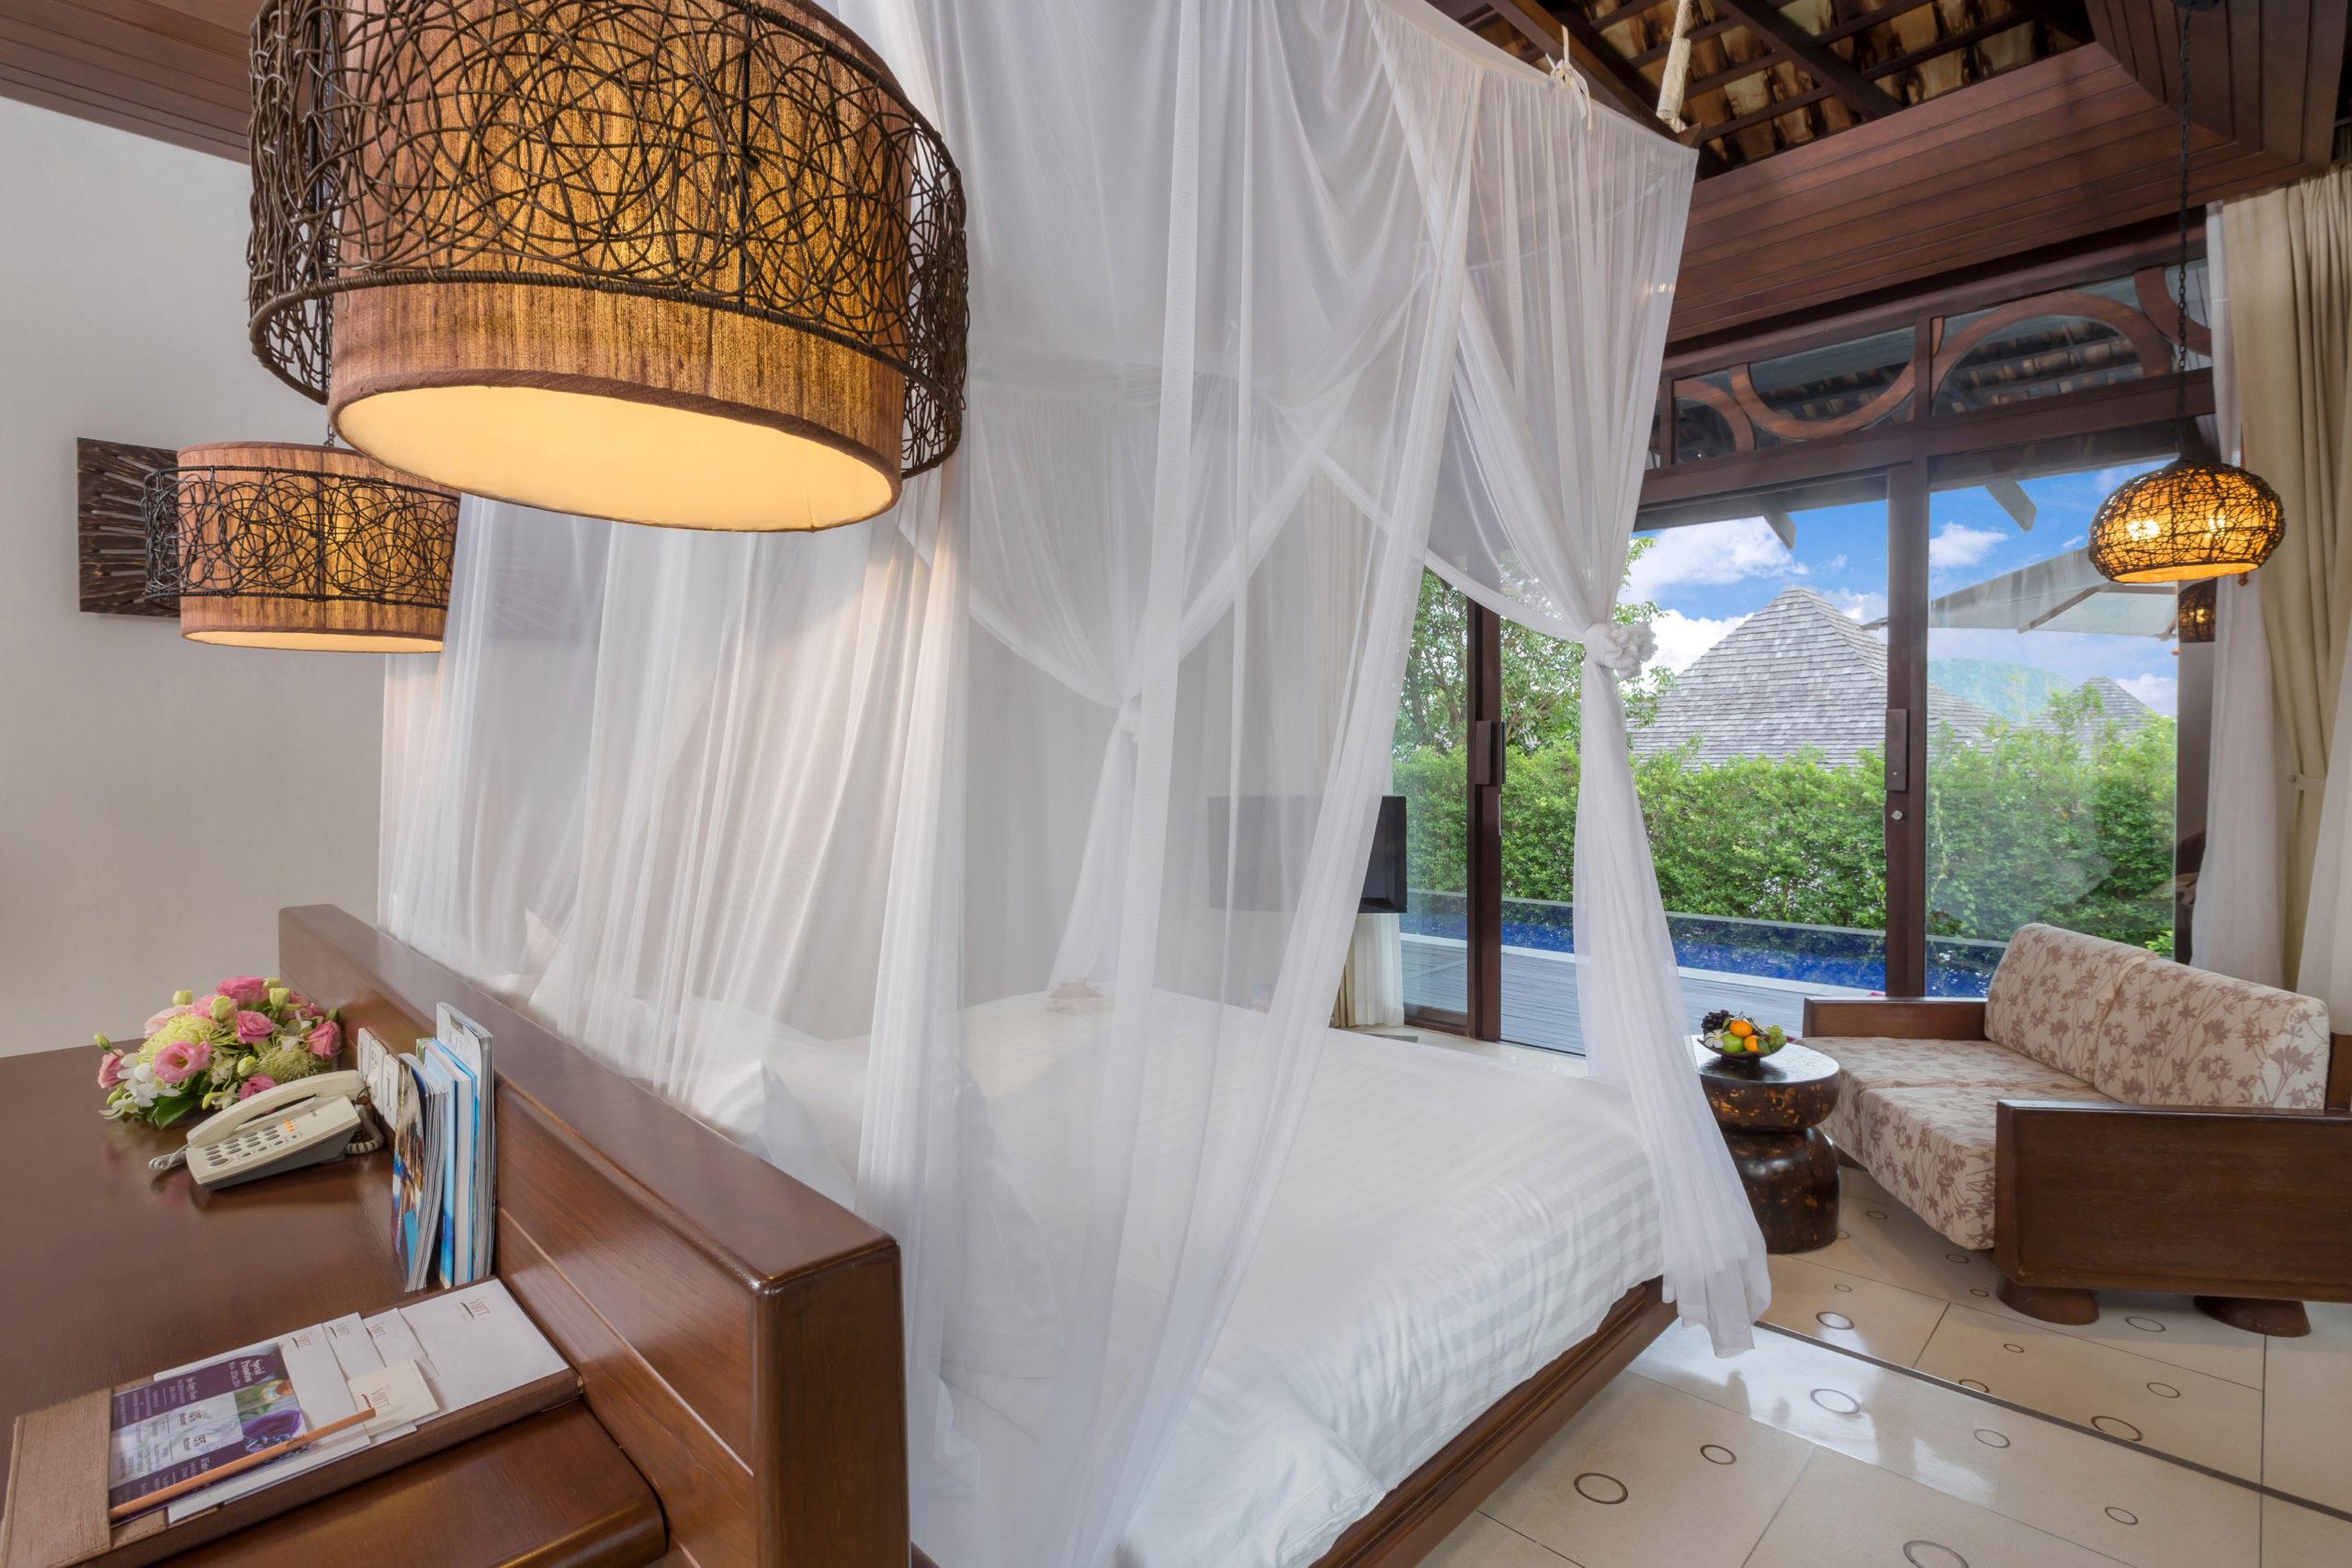 003_Deluxe Pool Villa_Bedroom TheVijitt Resort Phuekt